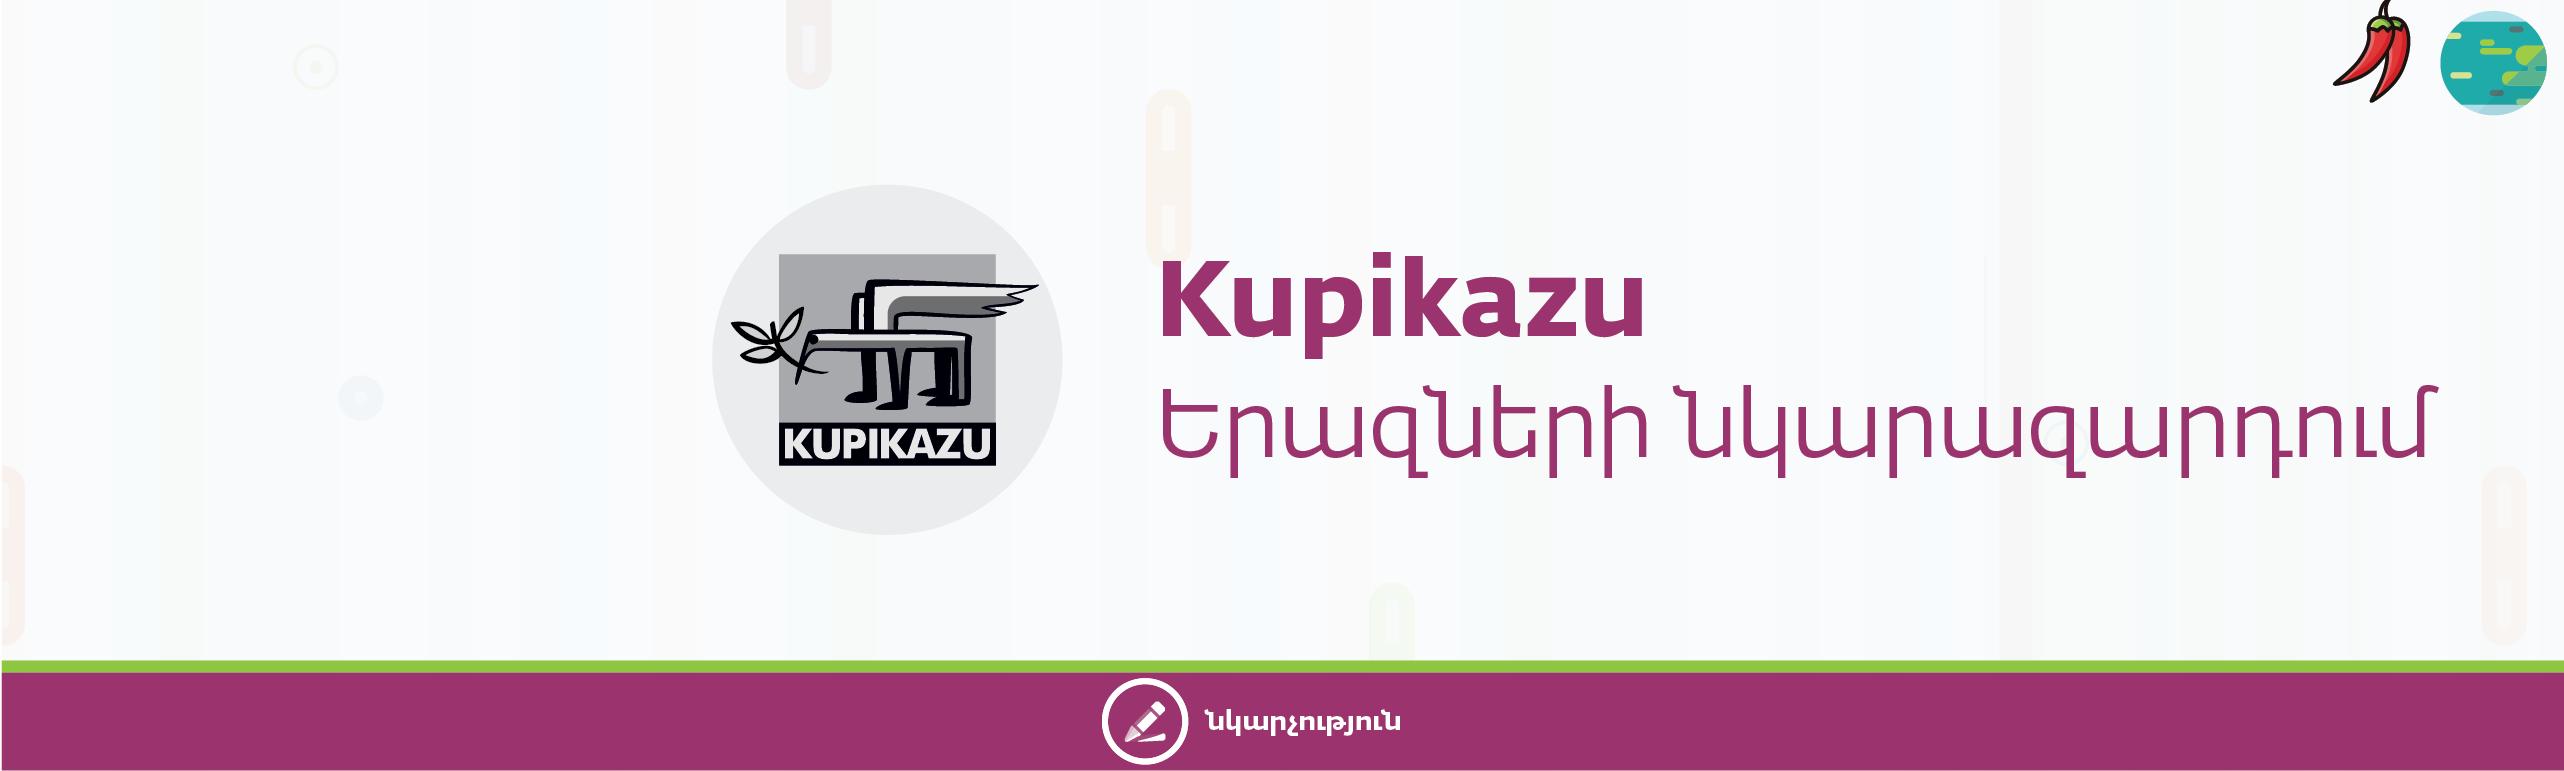 kupikazu o2 - Երազների նկարազարդում